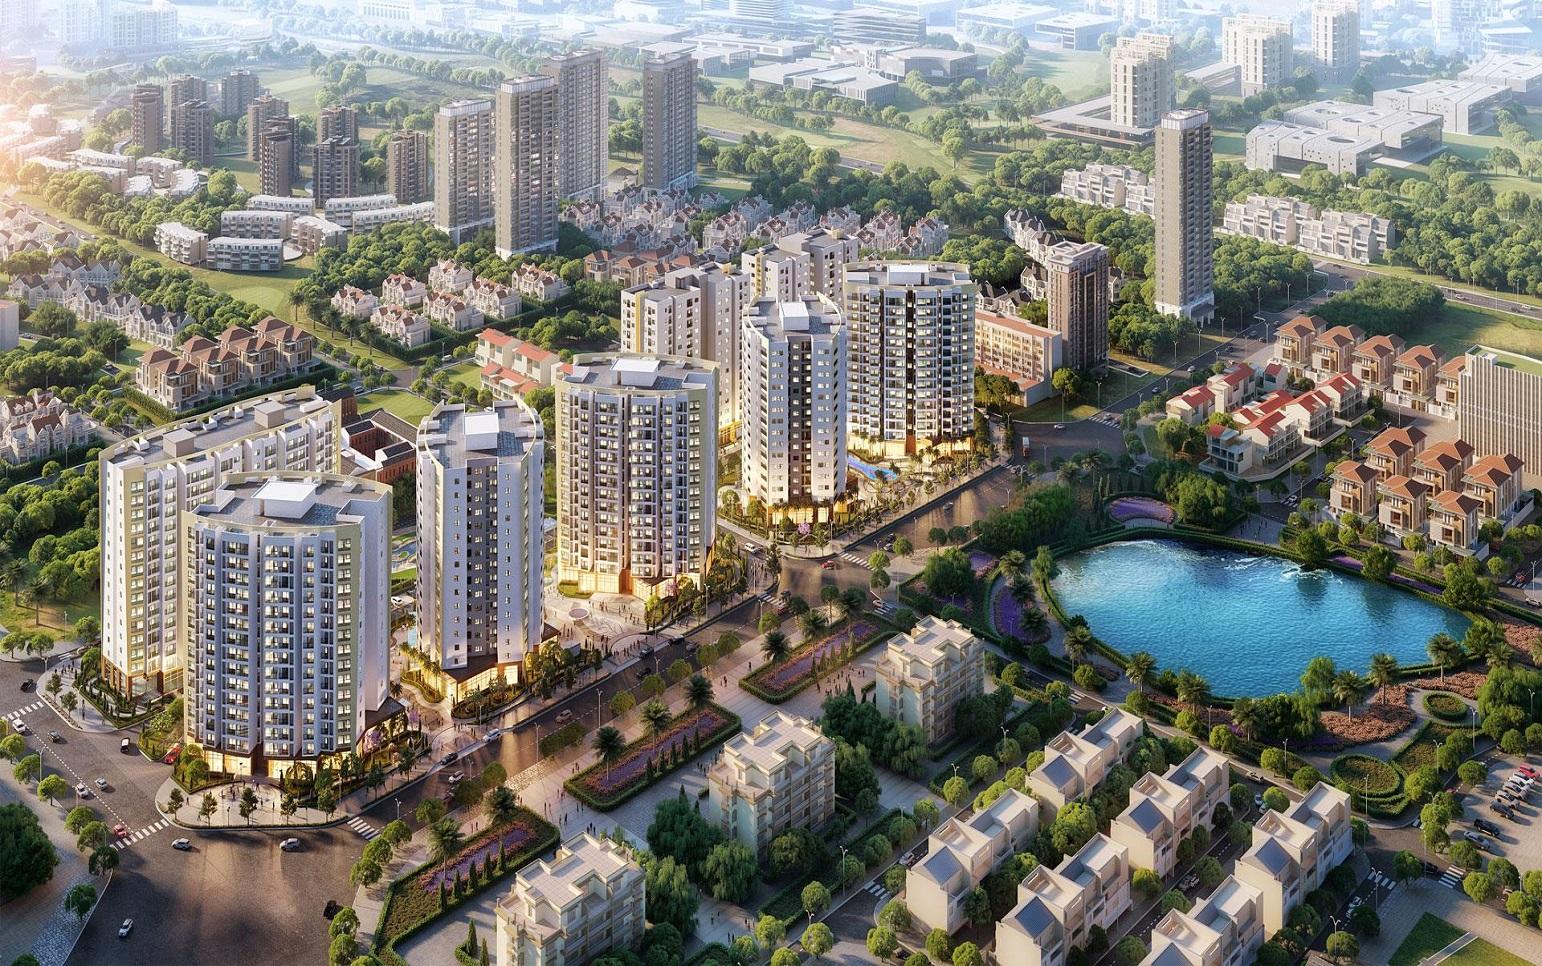 Tiến độ thanh toán linh hoạt khi mua căn hộ tại dự án Le Grand Jardin !